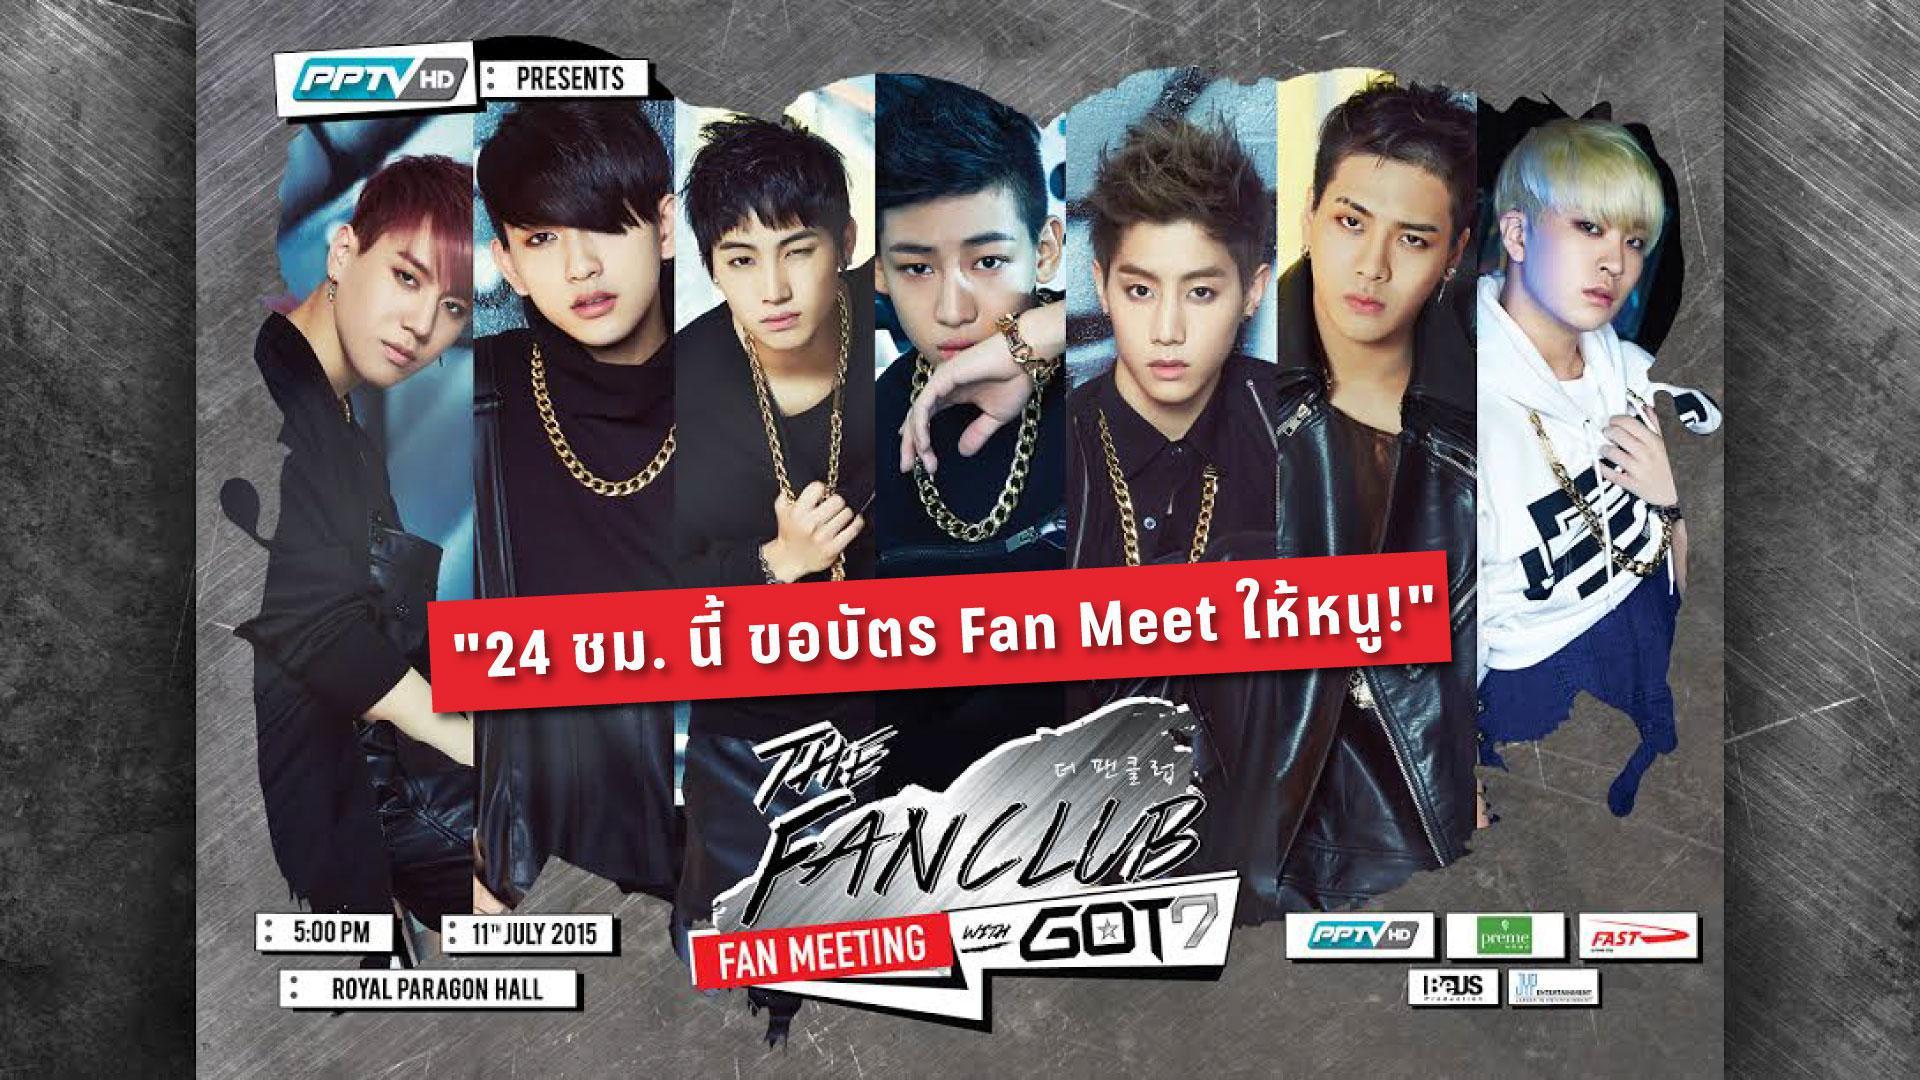 ประกาศรายชื่อผู้ที่ได้รับบัตรเข้างาน PPTV Presents the Fanclub Fan Meeting with GOT7